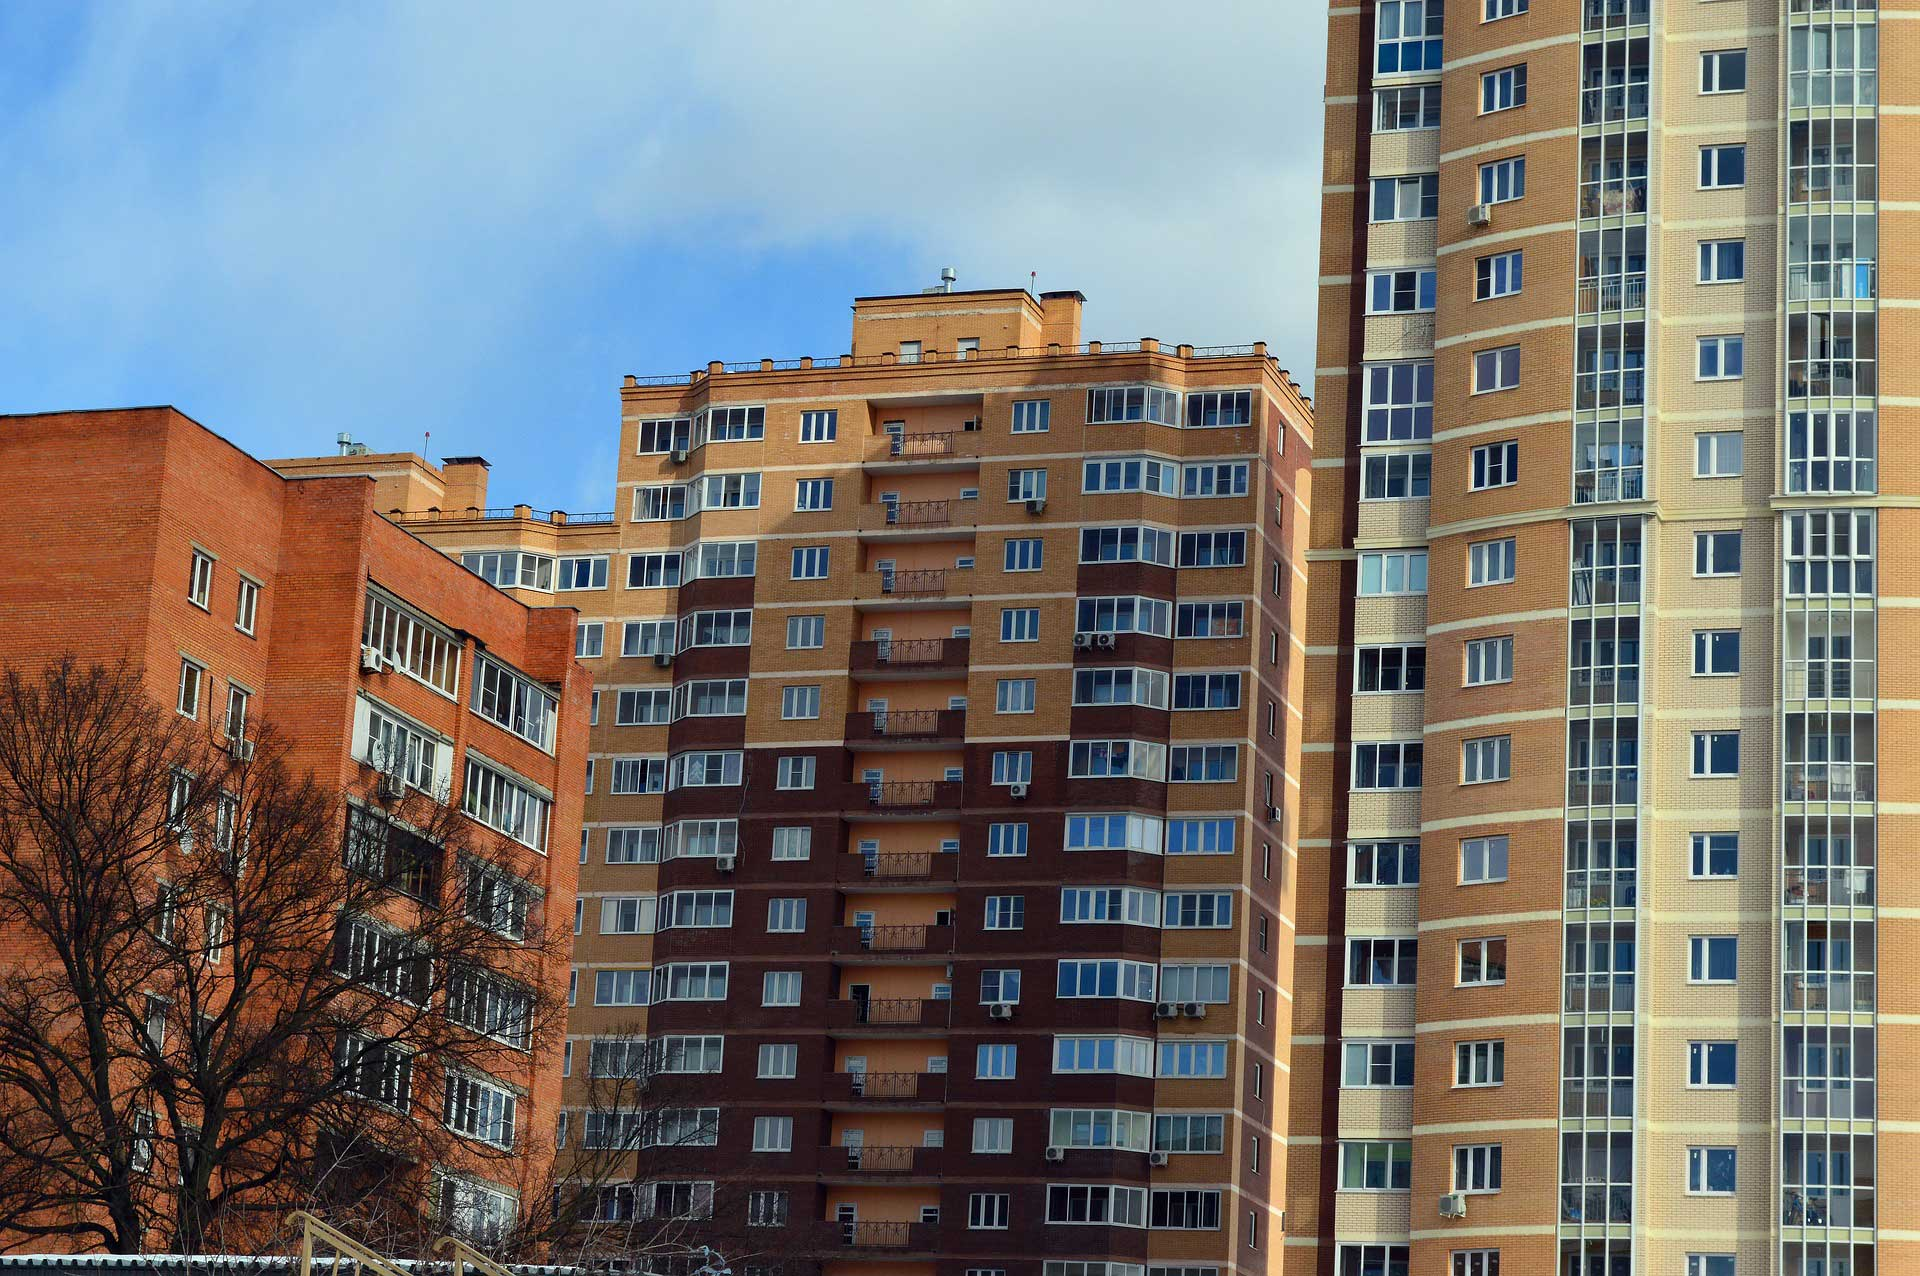 Unternehmen der Wohnungswirtschaft